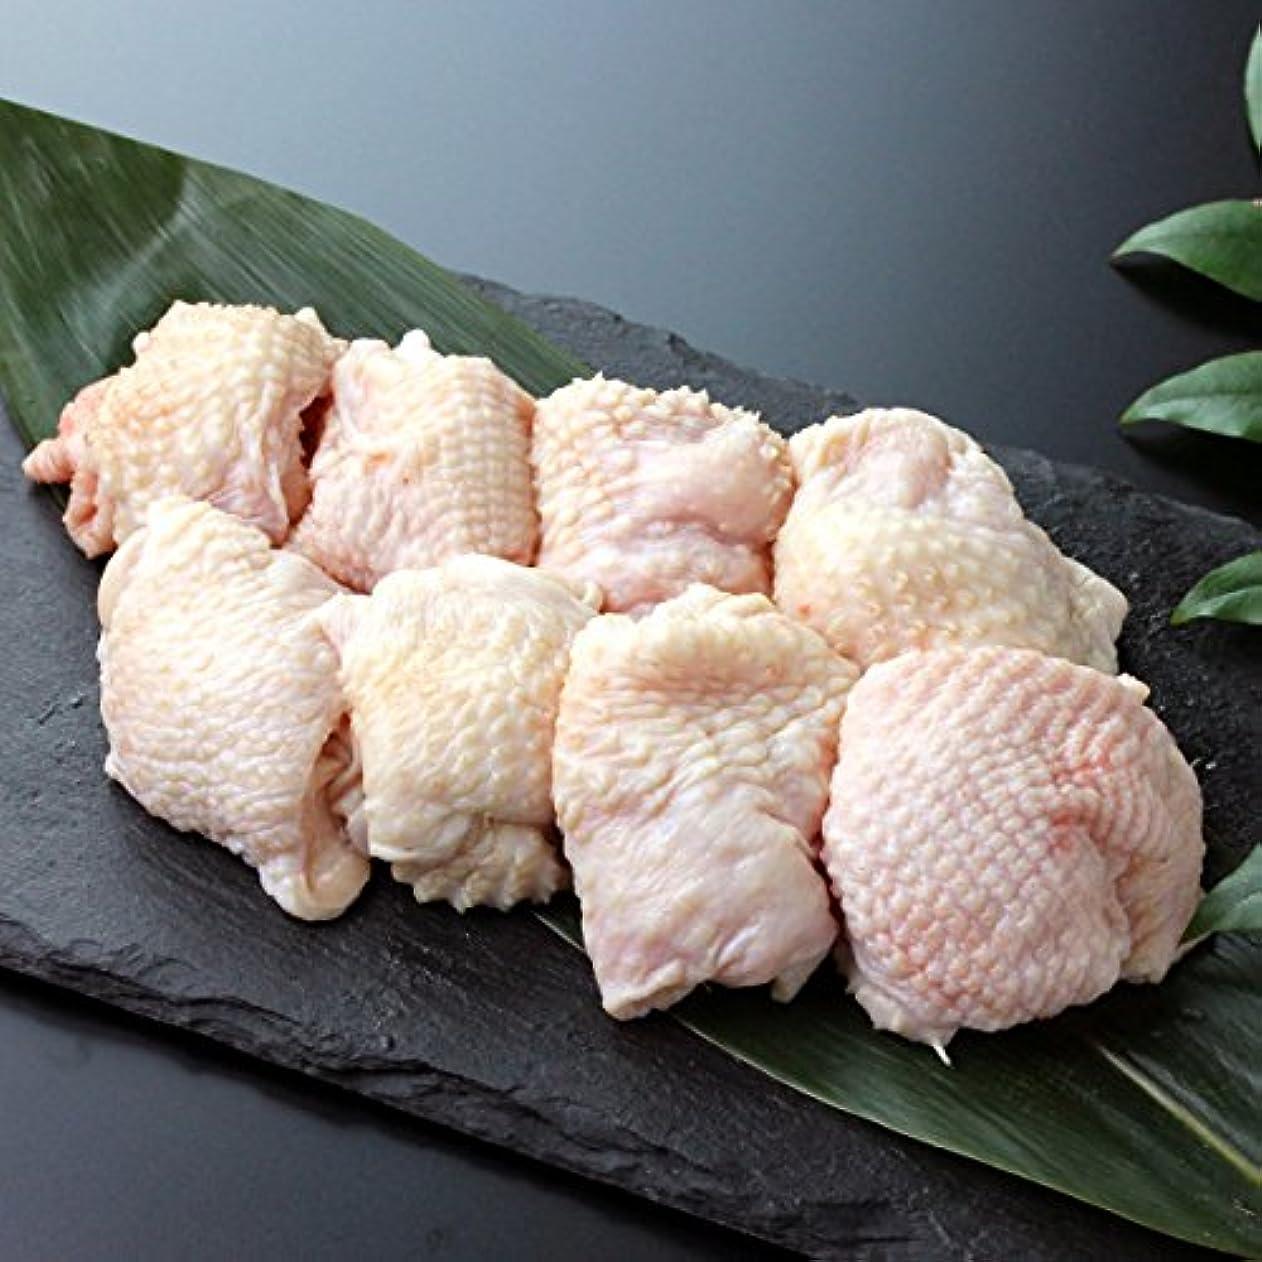 リボン主観的コンサート水郷のとりやさん 国産 鶏肉 首皮 300g (とり皮 ) 水郷どり 千葉県産 朝引き 新鮮 未調理 生